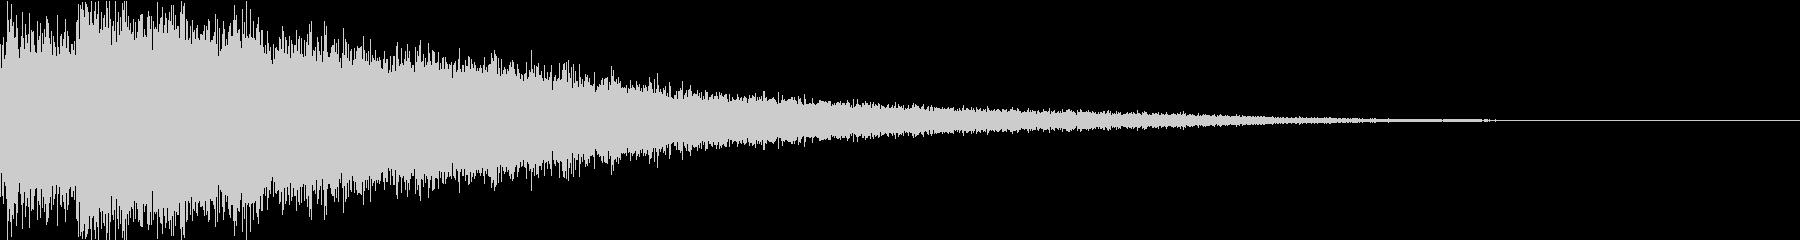 バーン:シンバルを叩く音・衝撃・迫力dの未再生の波形